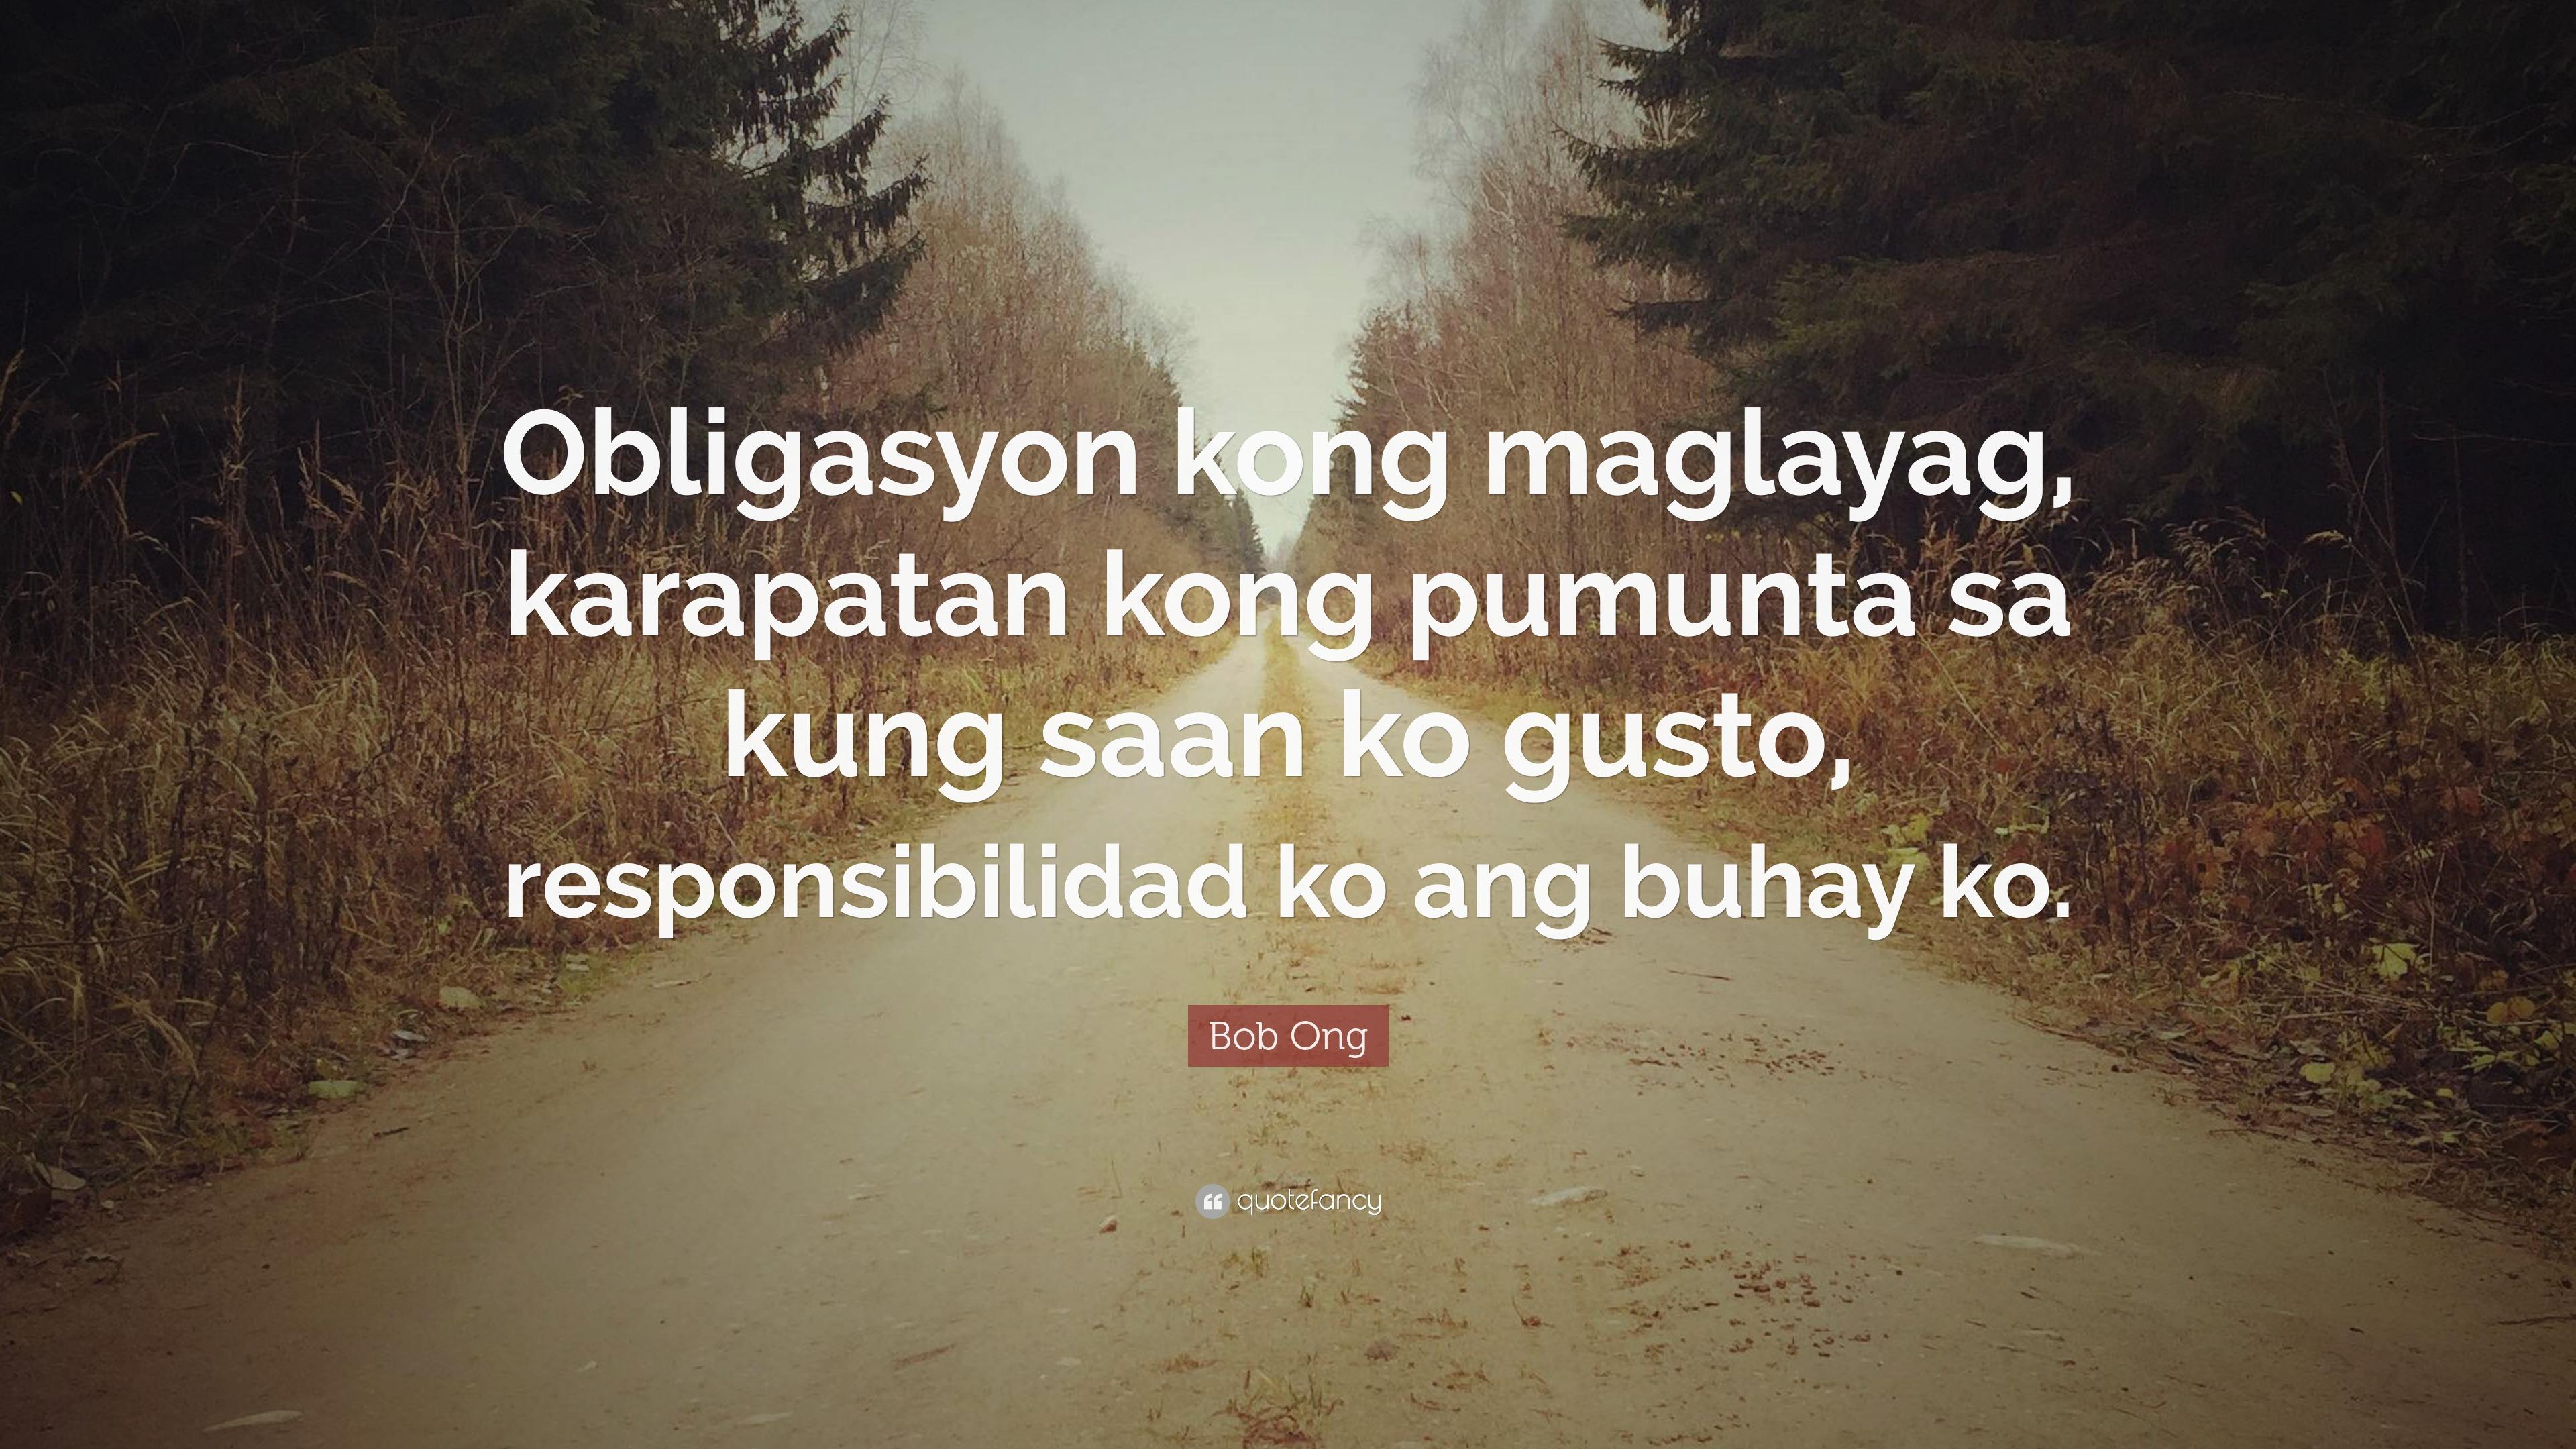 ang magagawa ko sa aking barangay